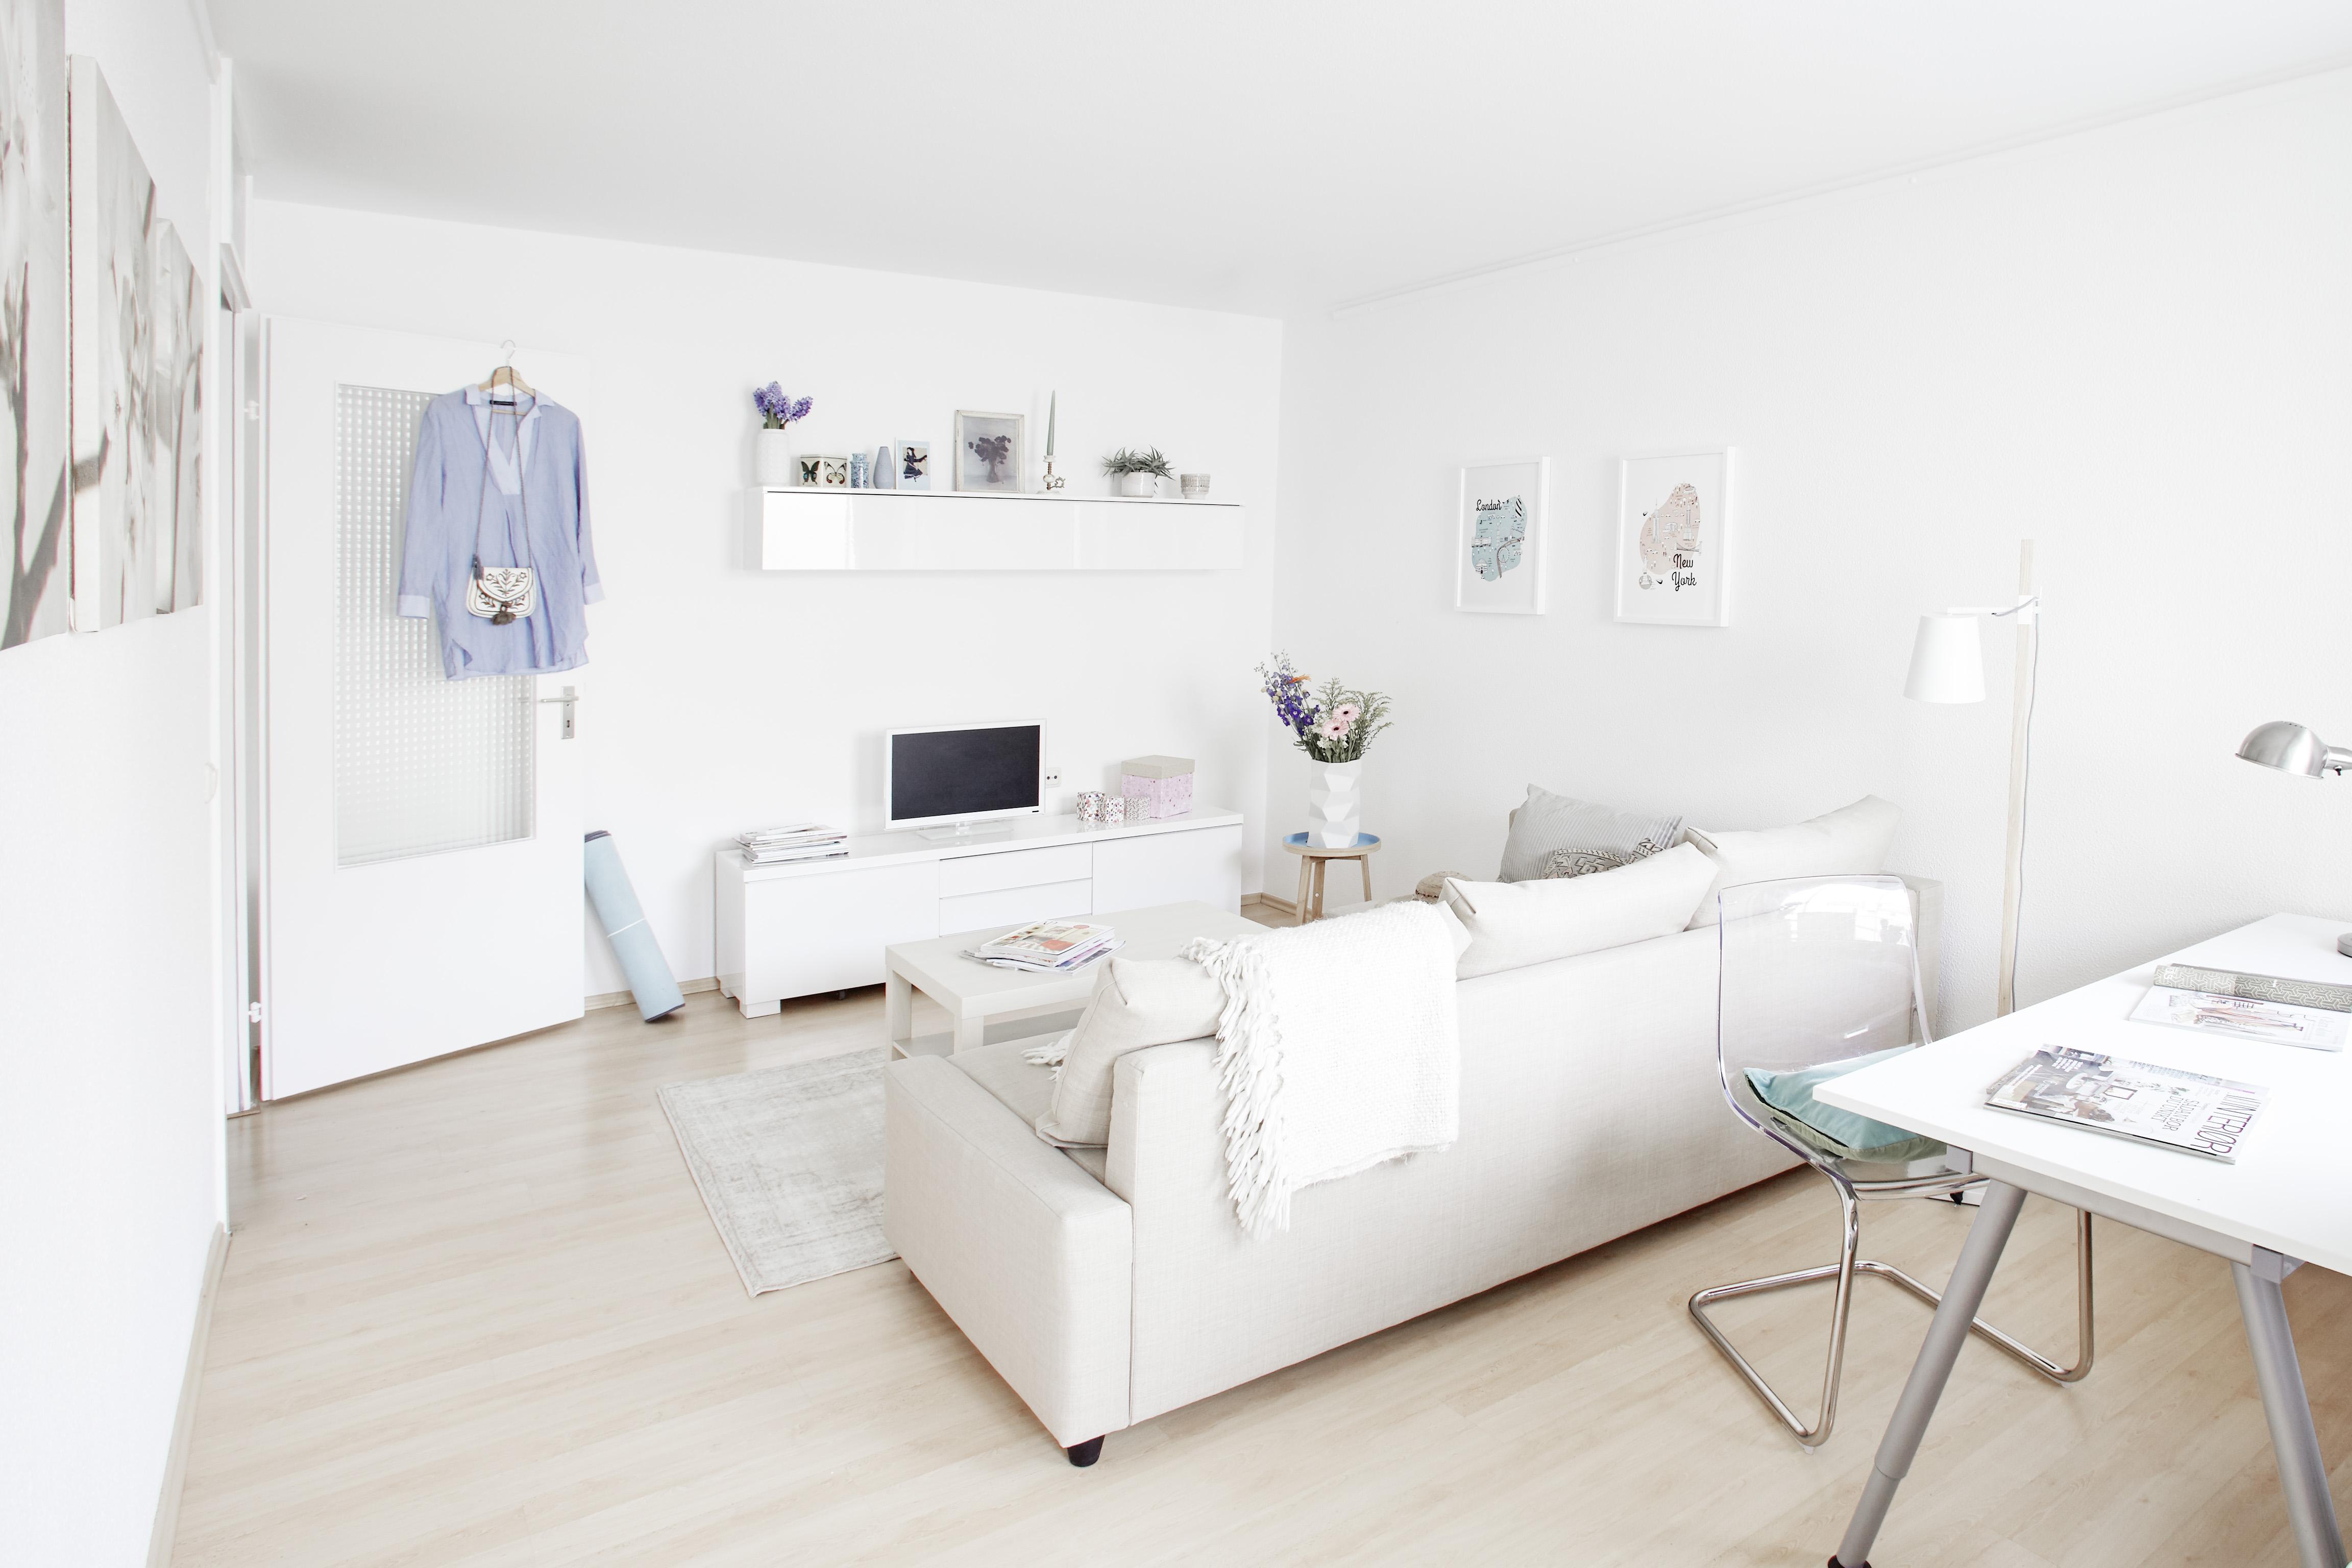 warum dieser wohncampus der beste ort f r junge leute in berlin ist studiblog. Black Bedroom Furniture Sets. Home Design Ideas